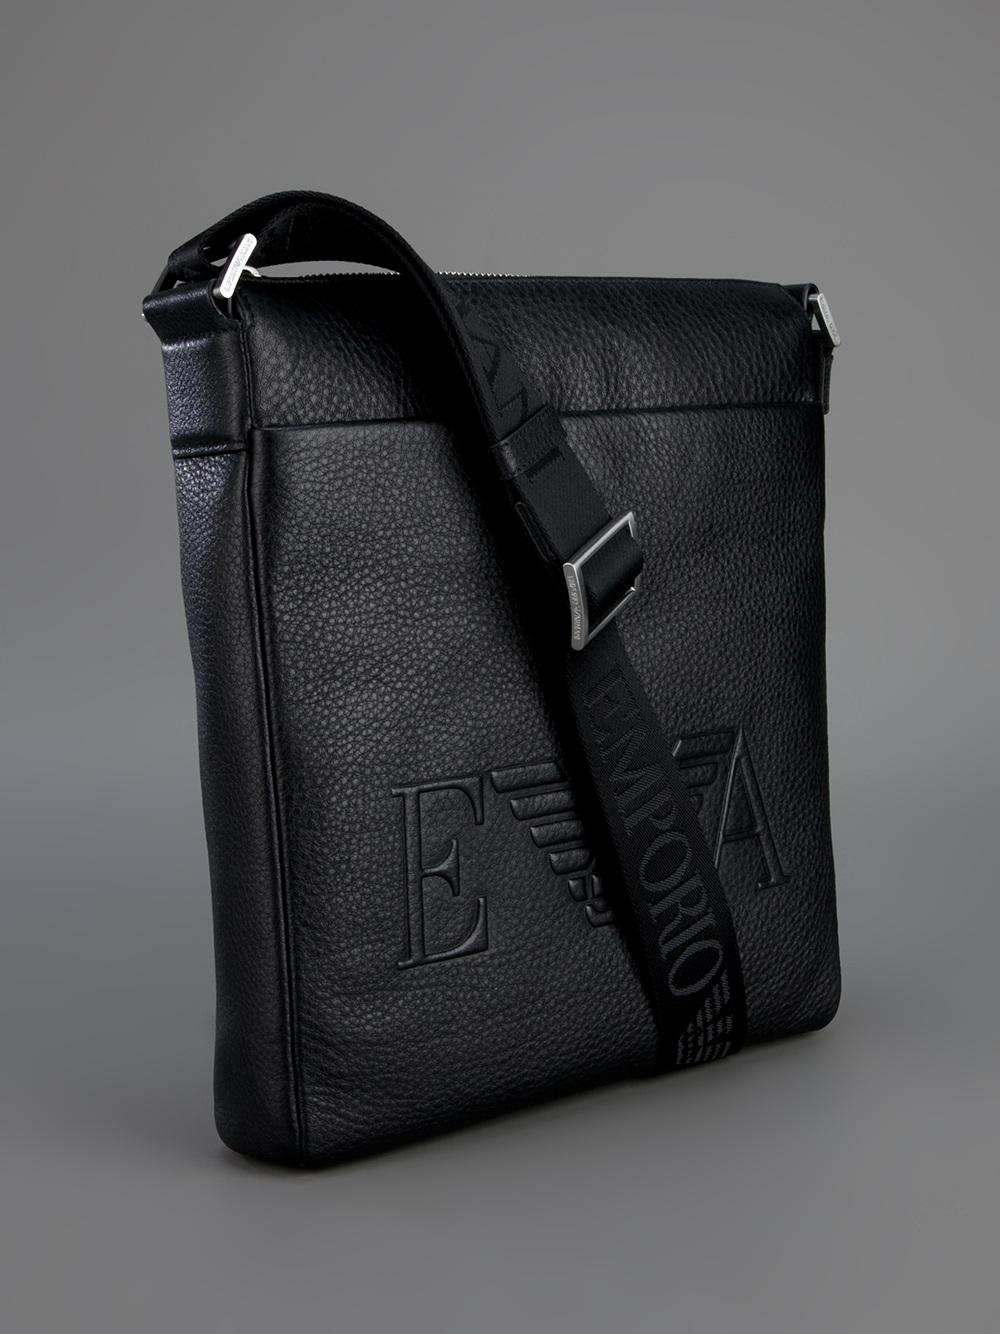 6b17e22cfc7 Emporio Armani Messenger Bag in Black for Men - Lyst